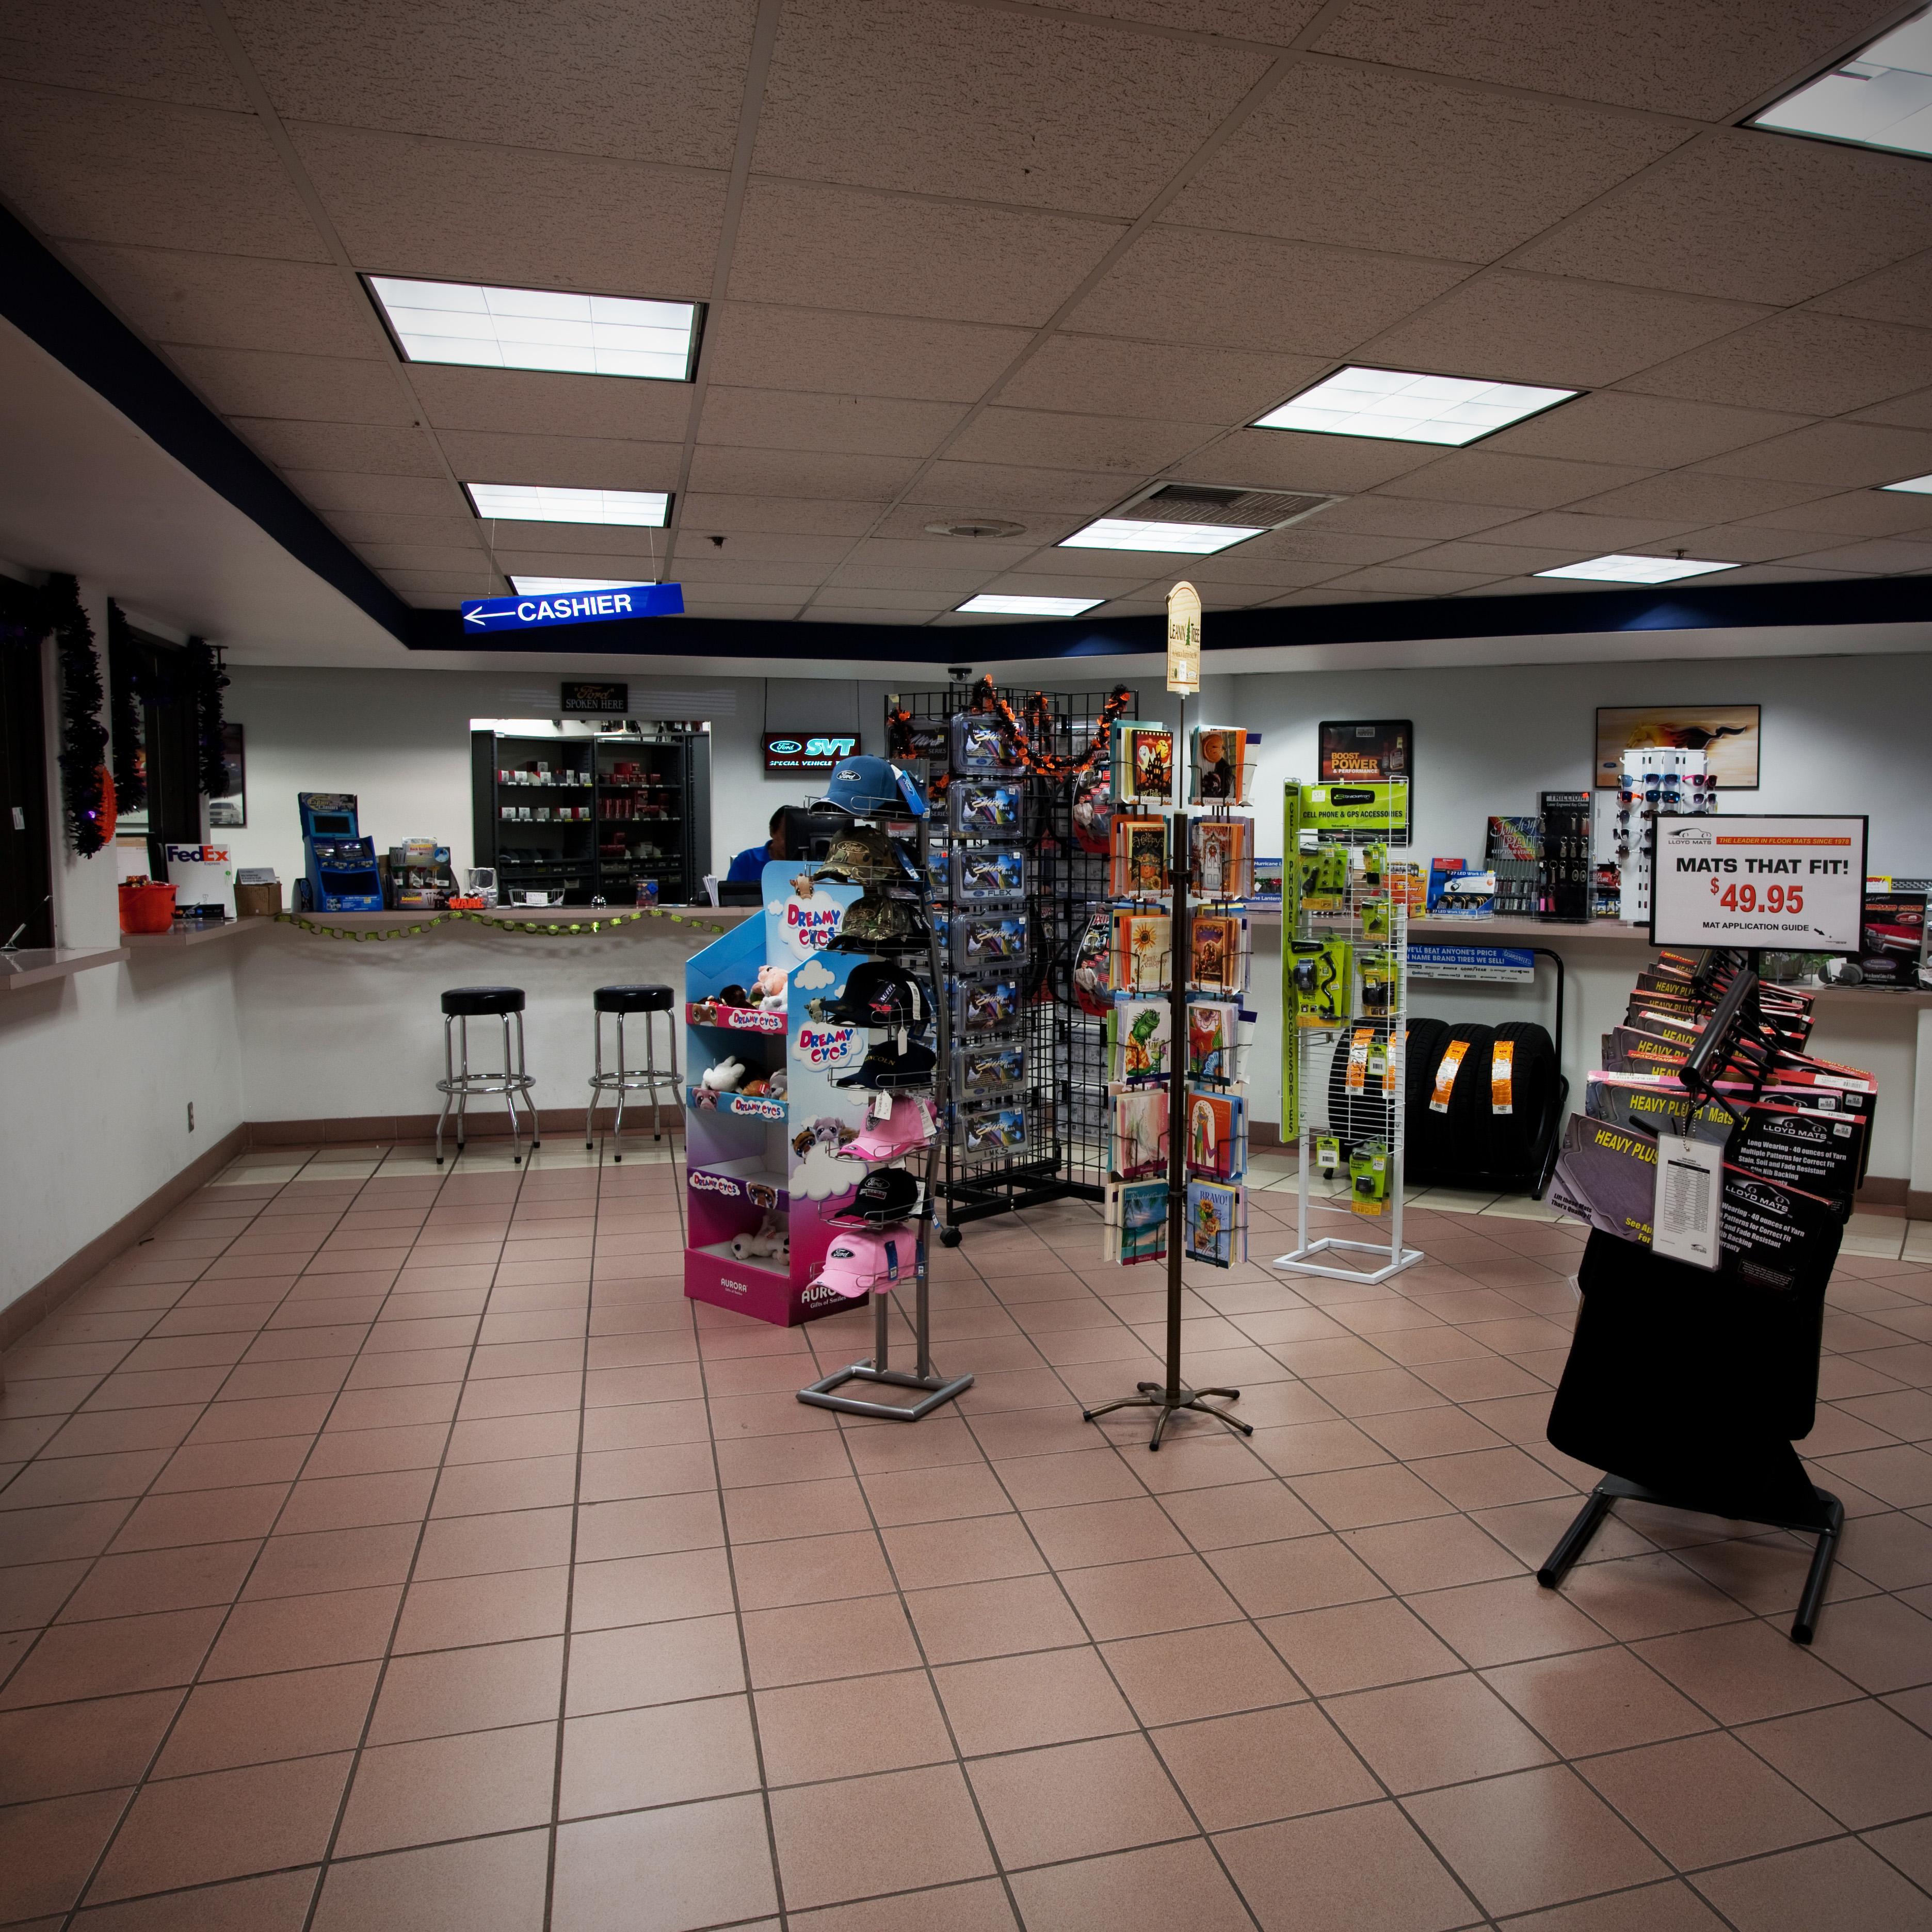 Autonation Ford Tustin >> AutoNation Ford Tustin, Tustin California (CA) - LocalDatabase.com